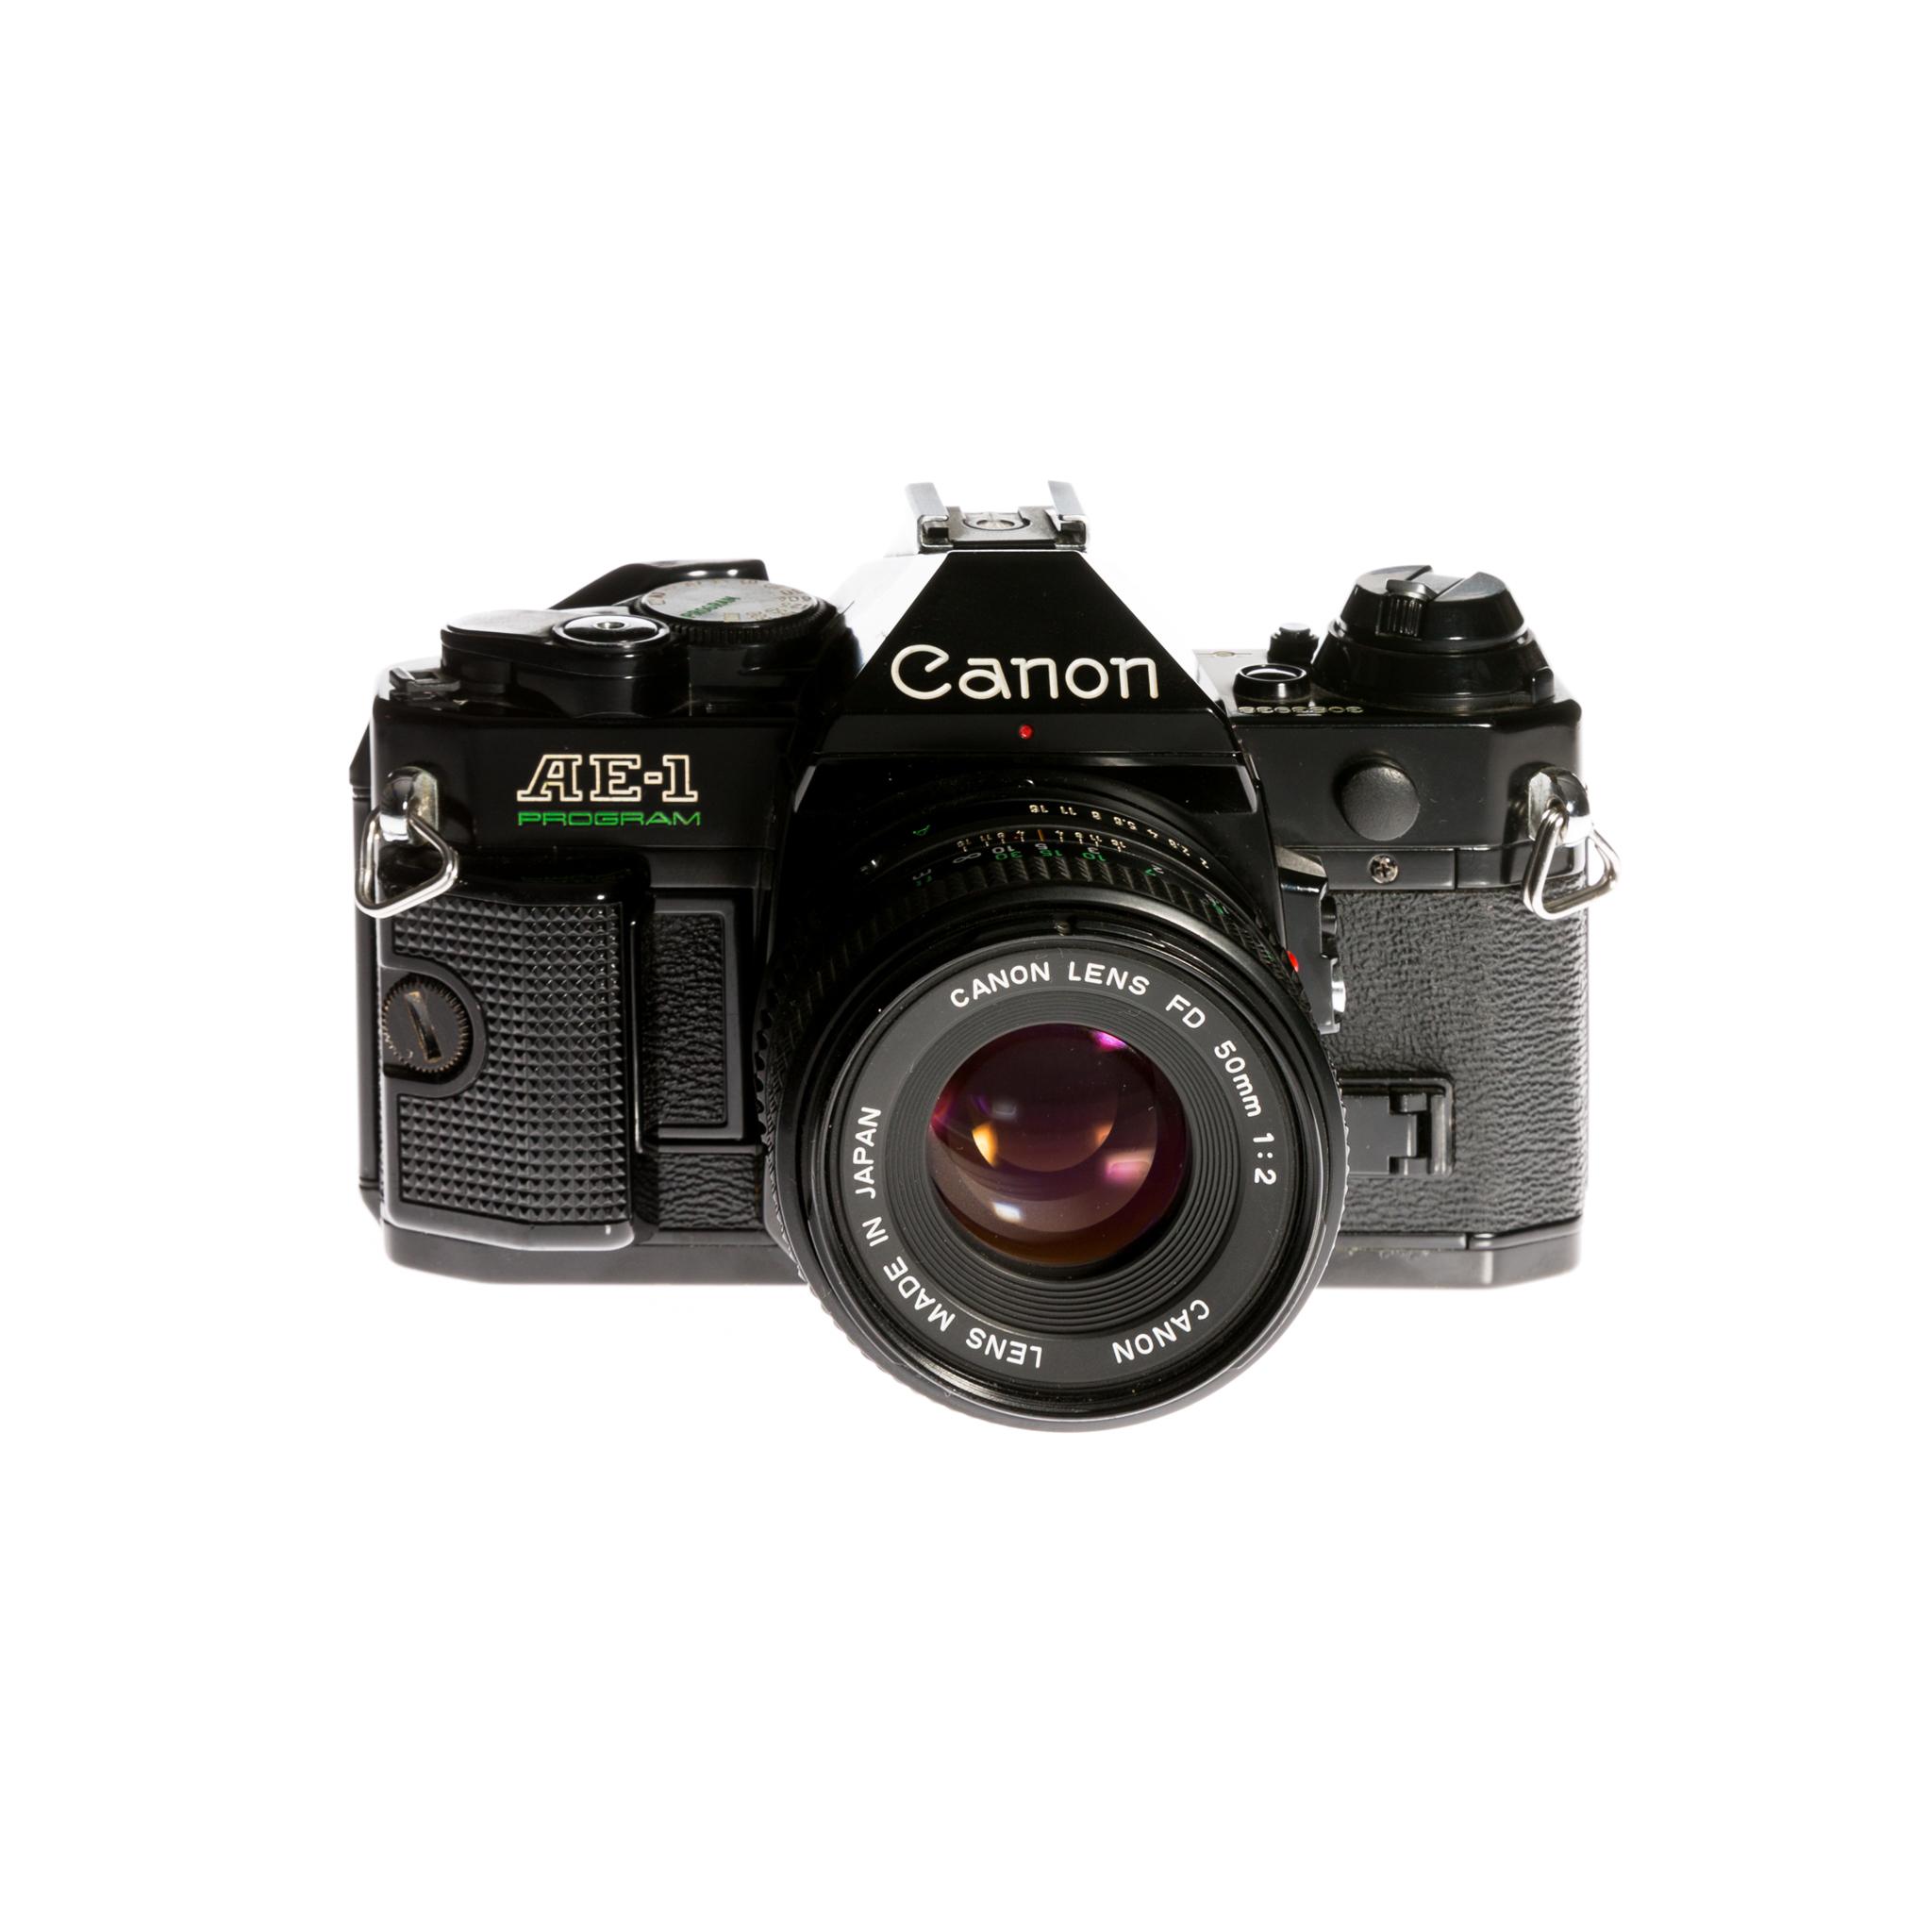 Canon AE-1 (1976)